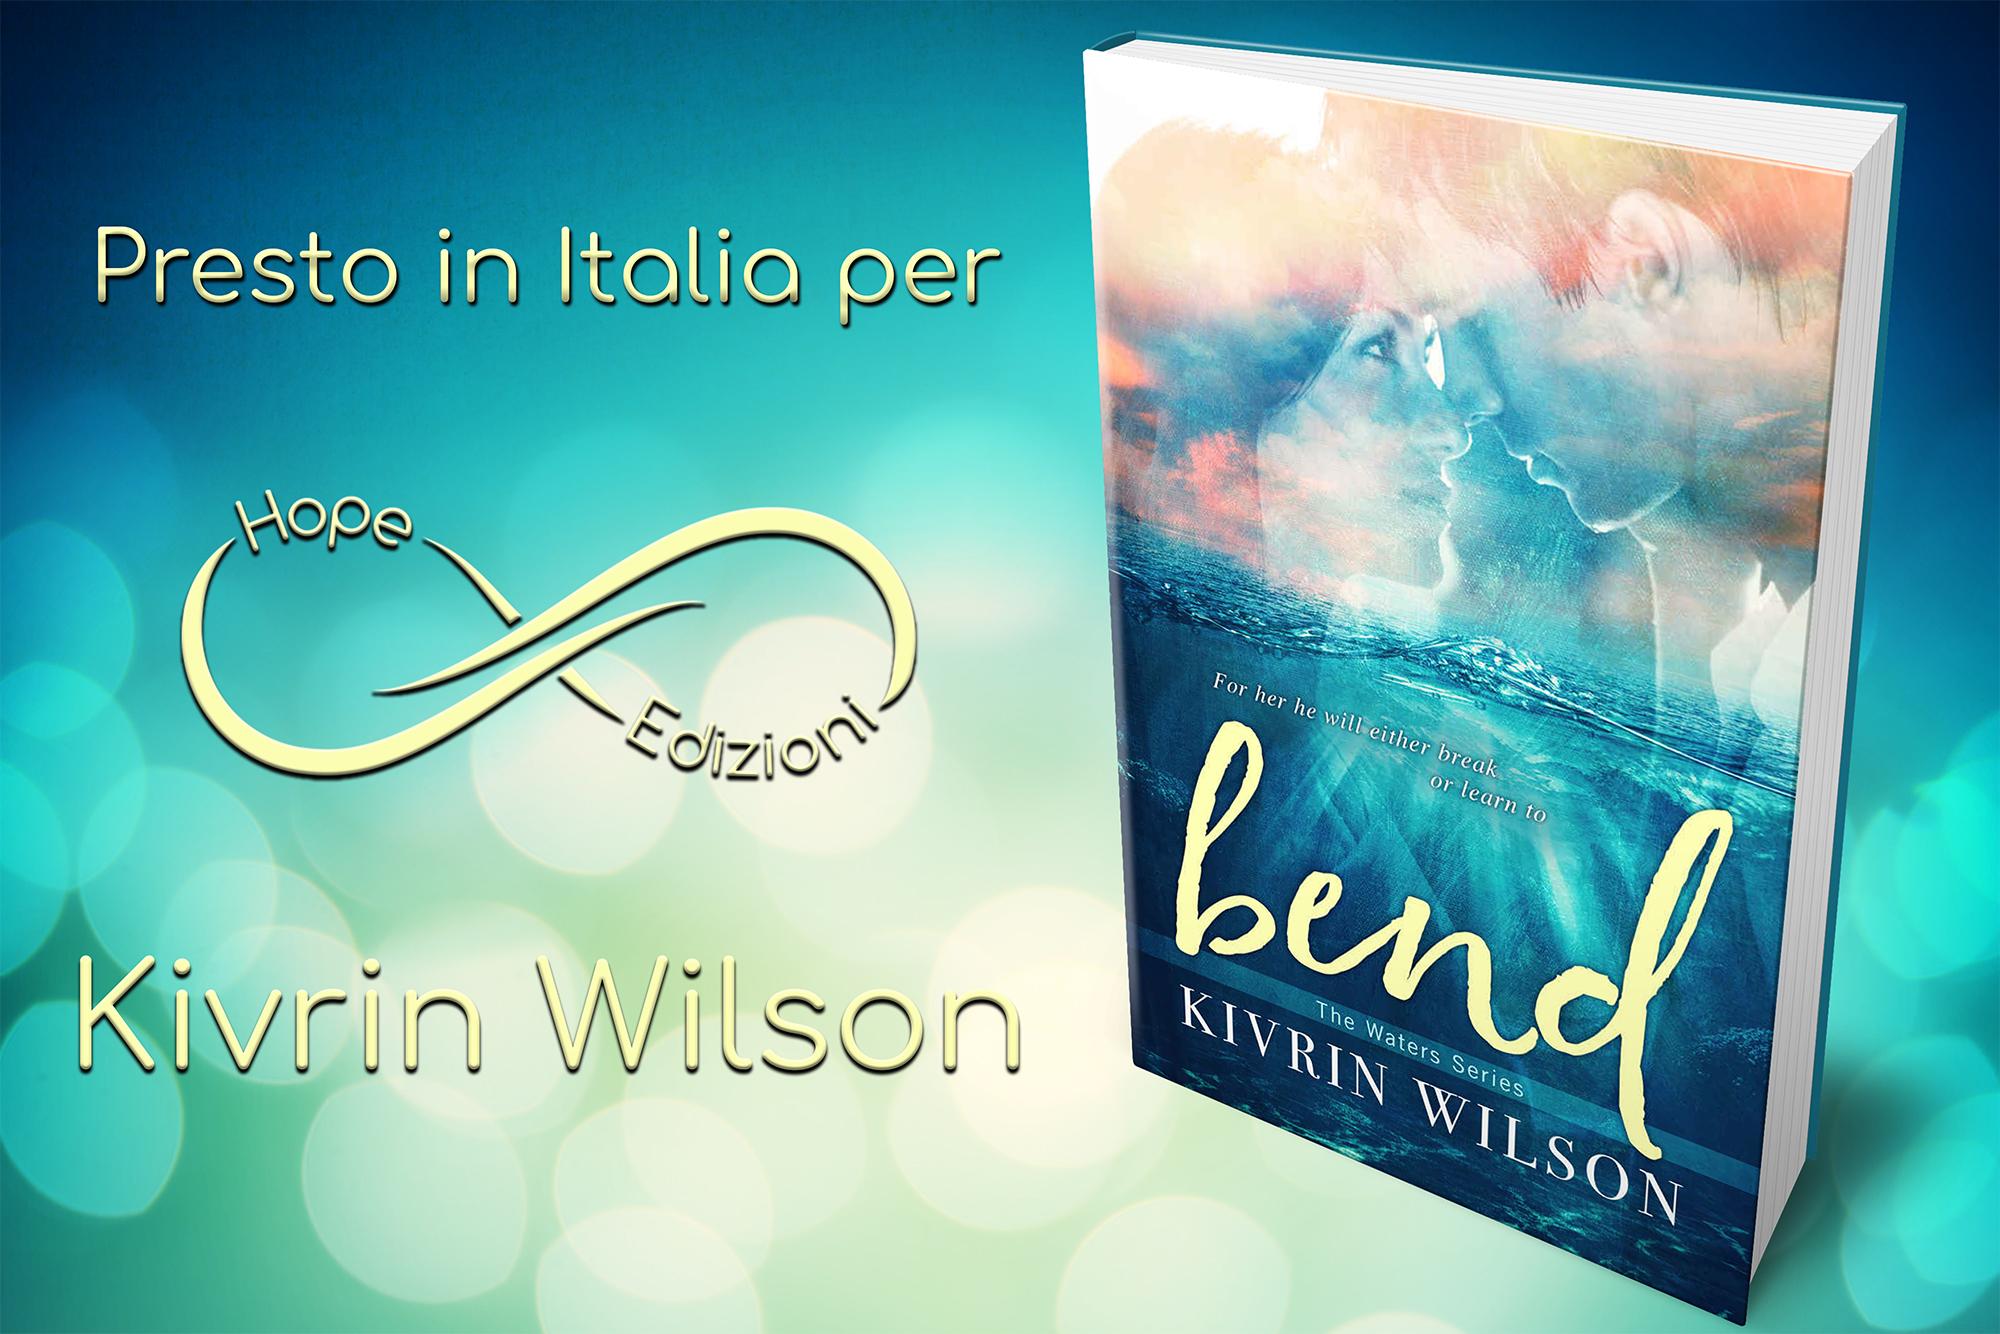 Presto in Italia… Kivrin Wilson!